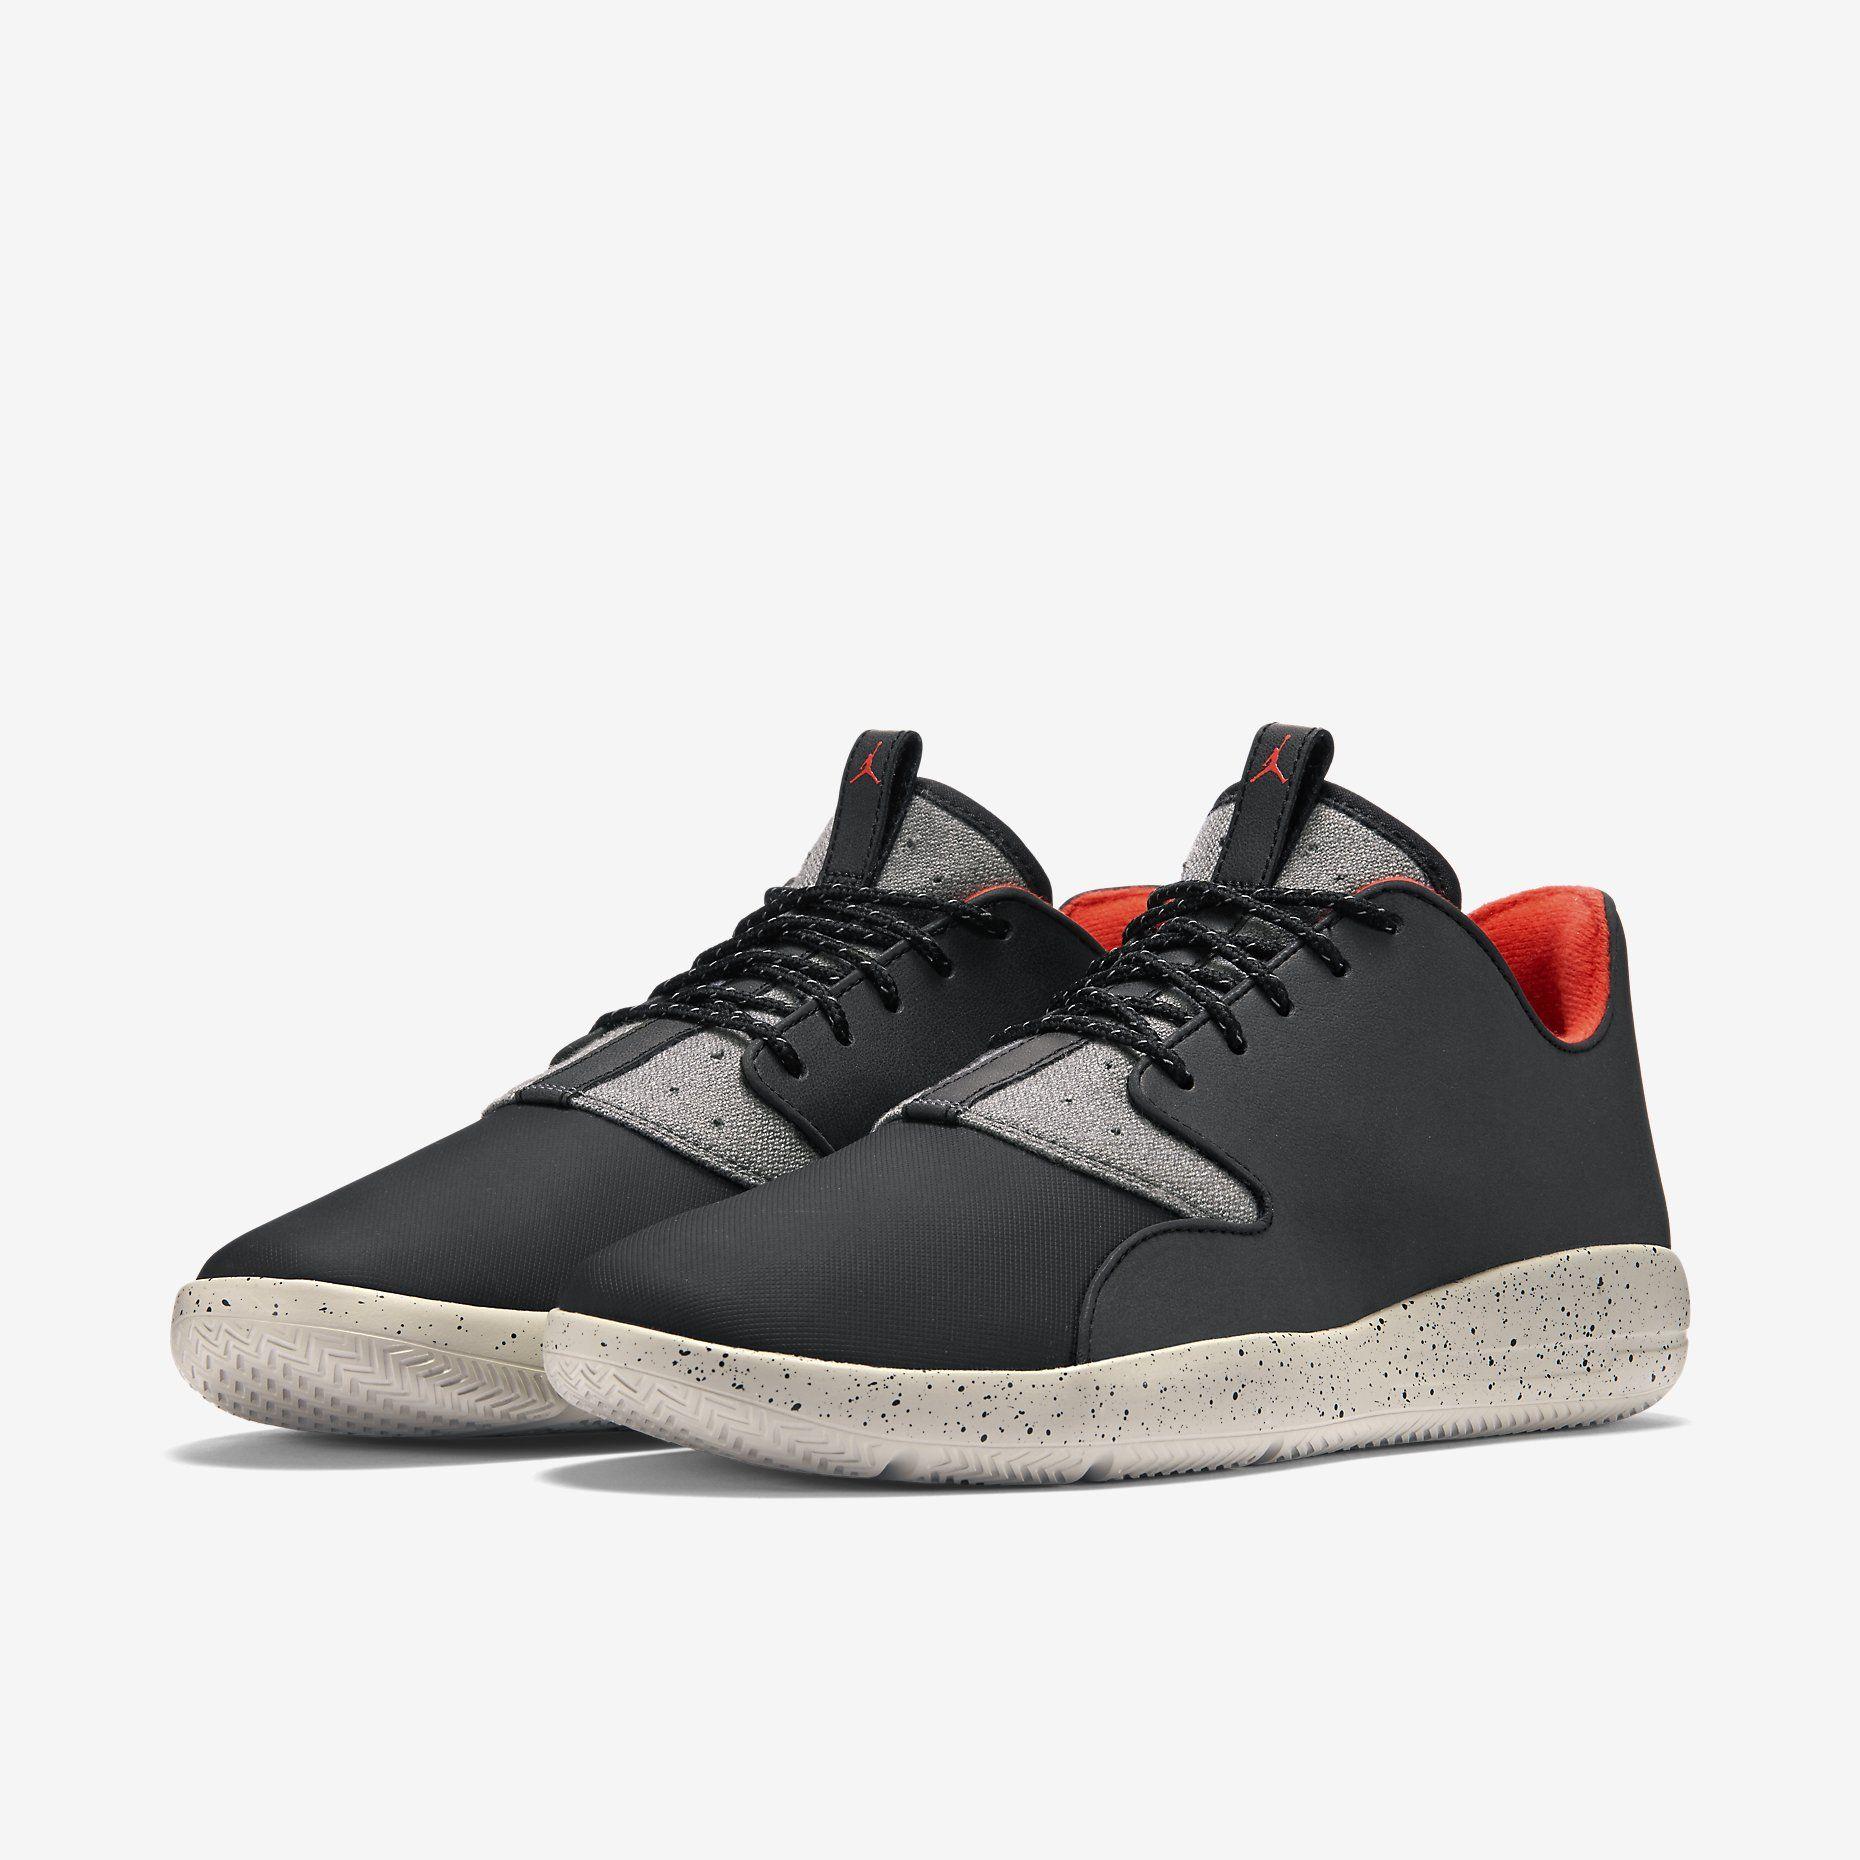 8d8e0b56f92085 Jordan Eclipse Herrenschuh. Nike.com (DE)